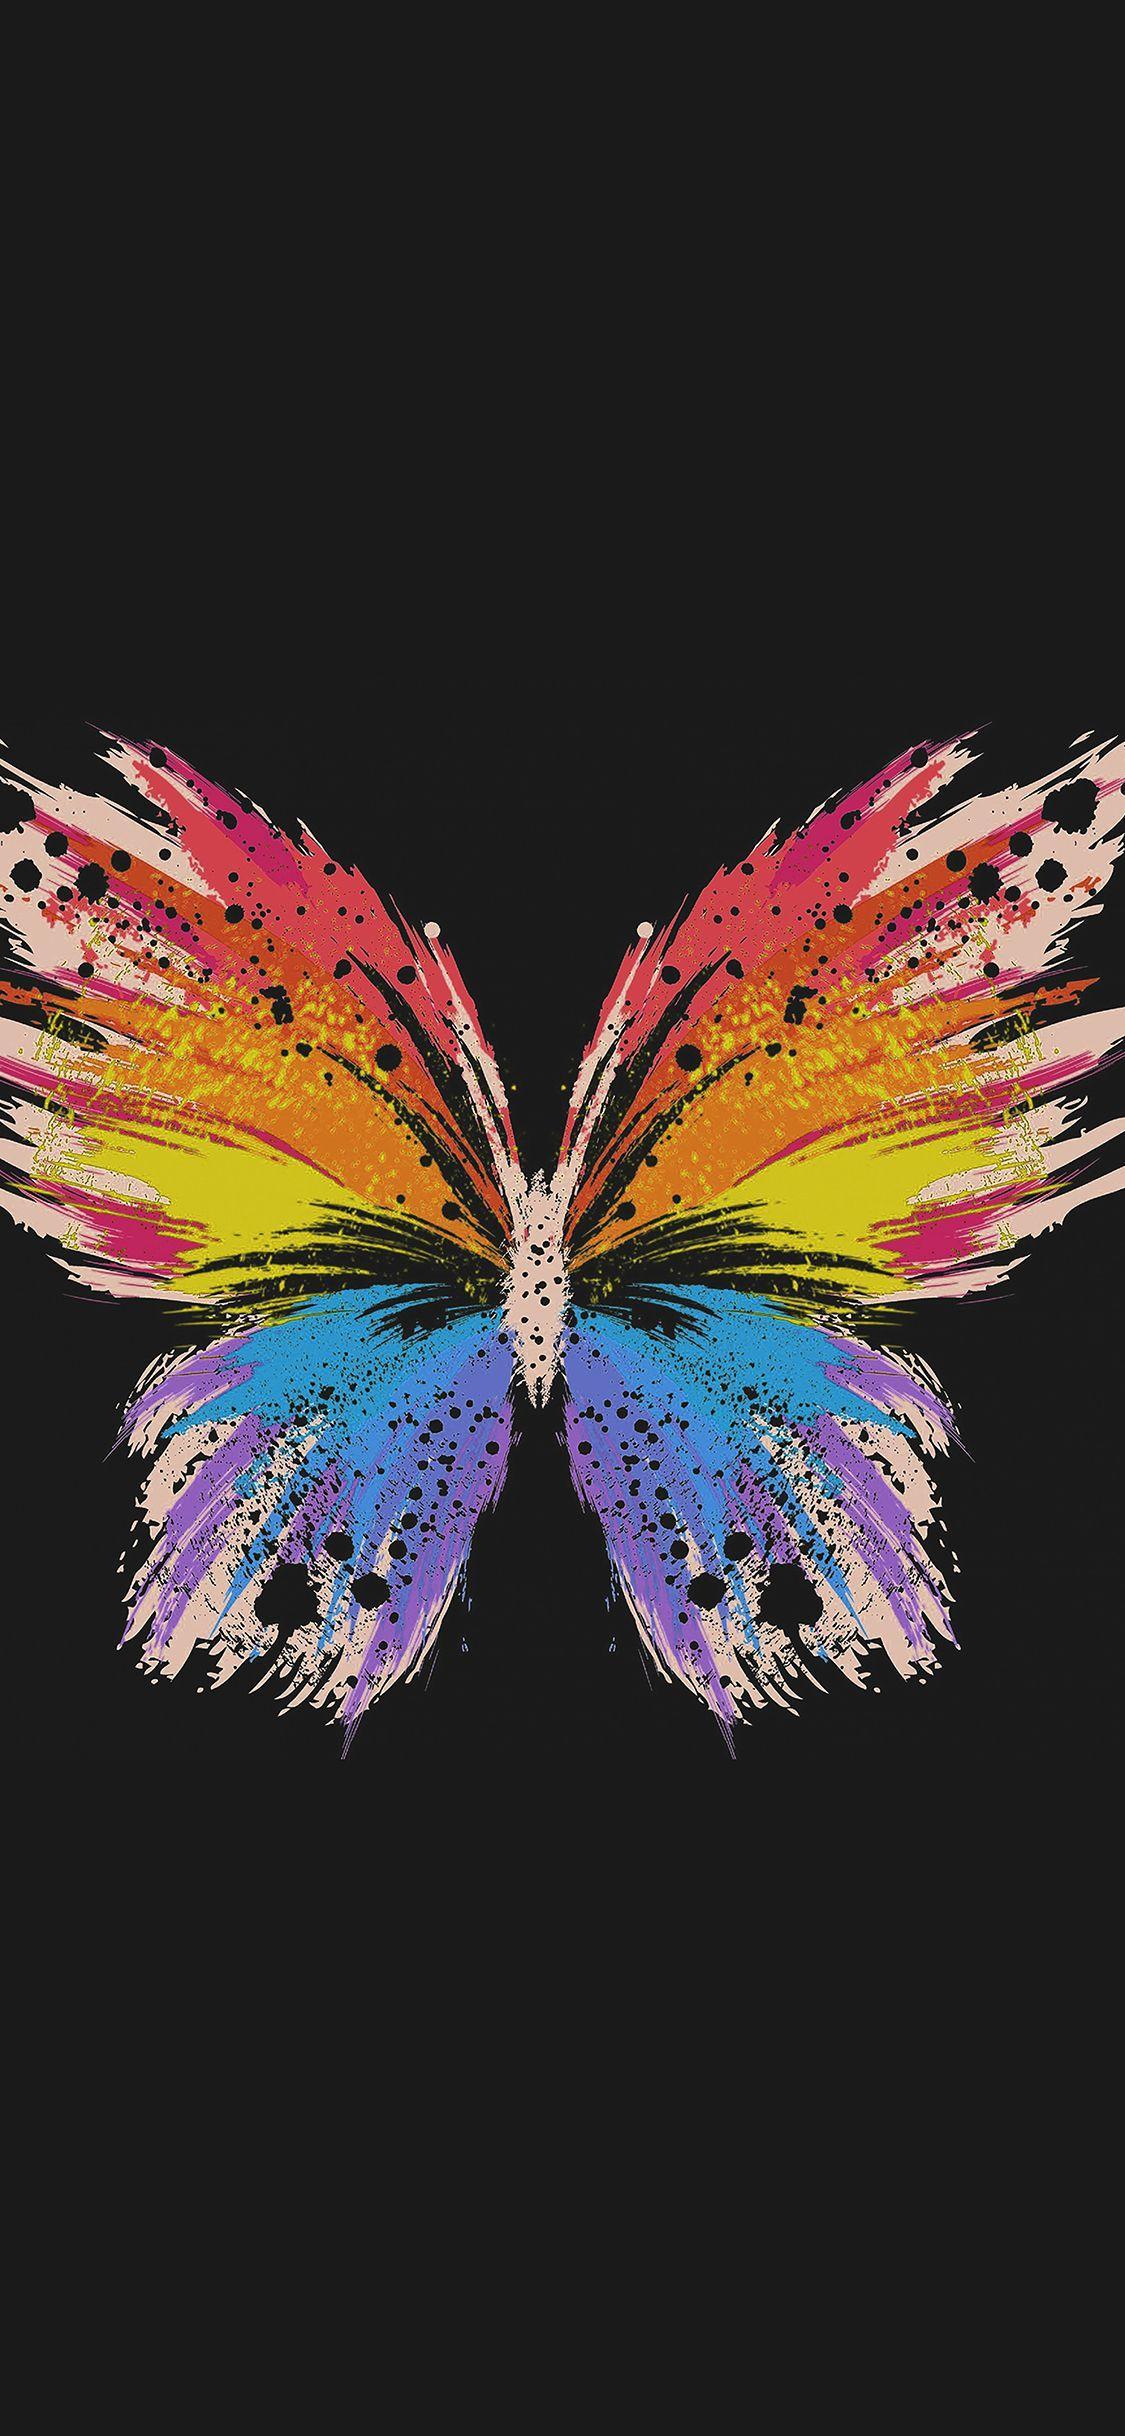 1125x2436 Hình nền iPhone.  bướm nghệ thuật vẽ minh họa cho bóng tối dễ thương